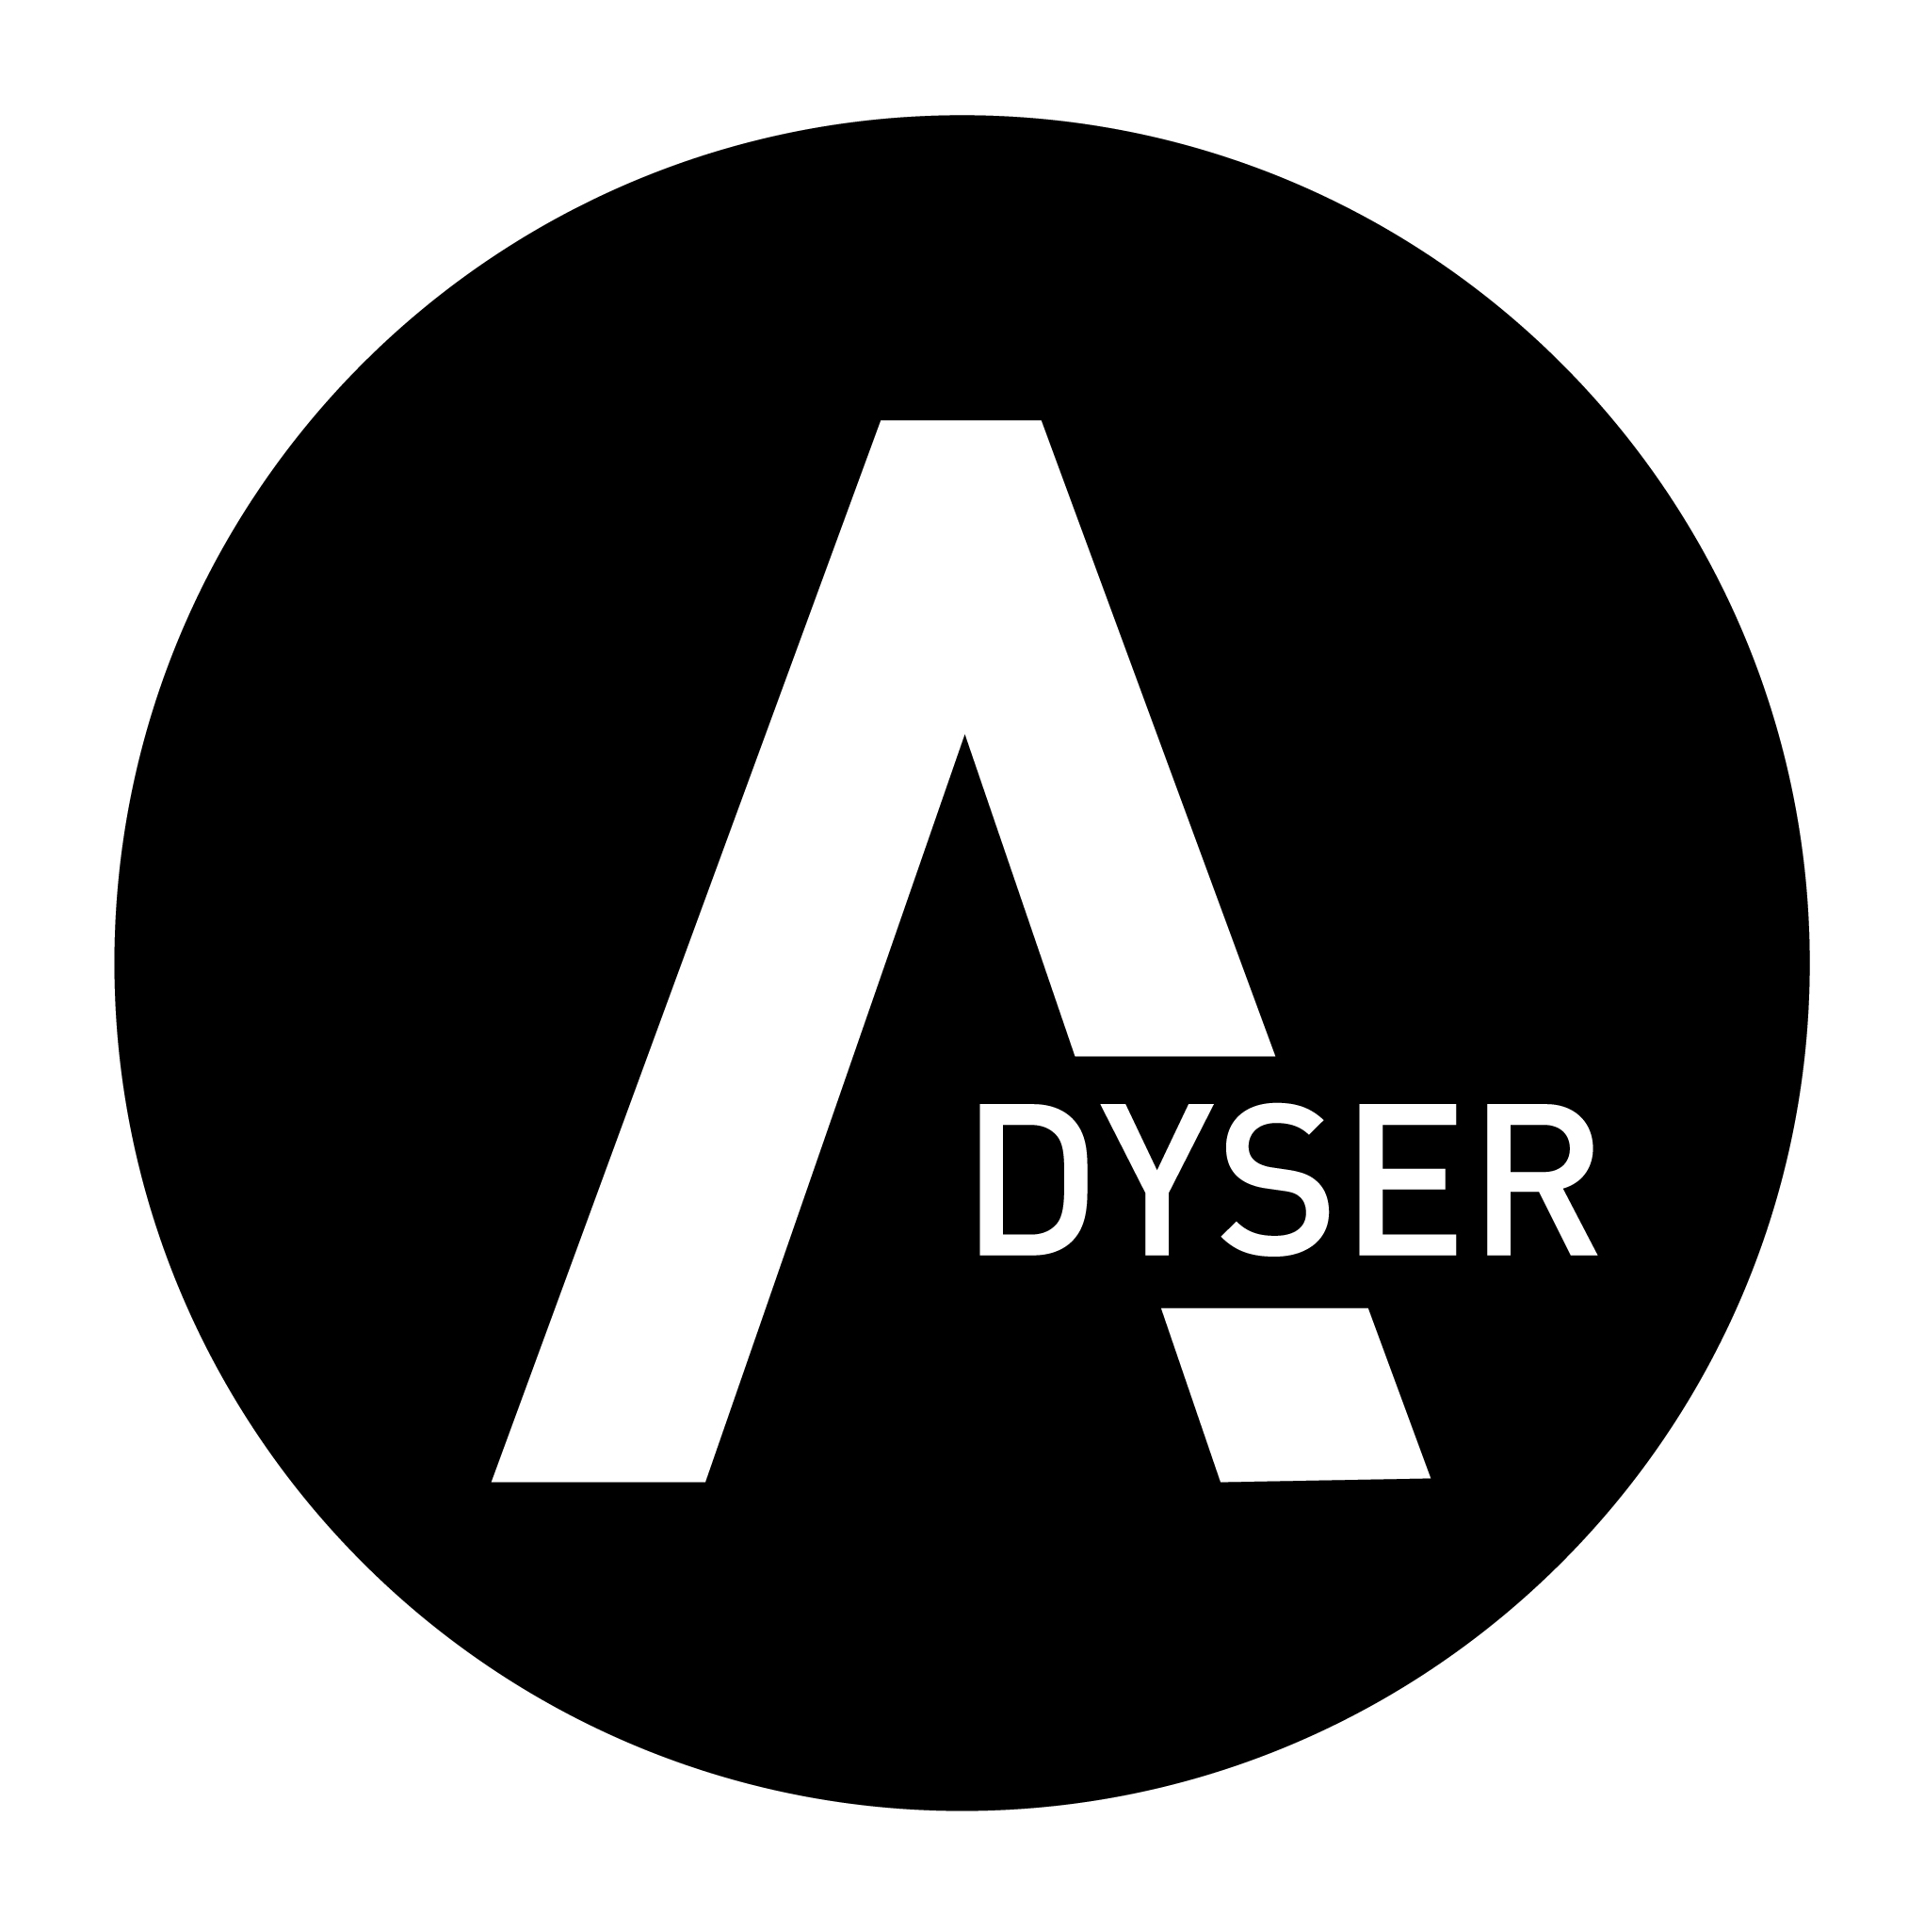 Alfa Dyser